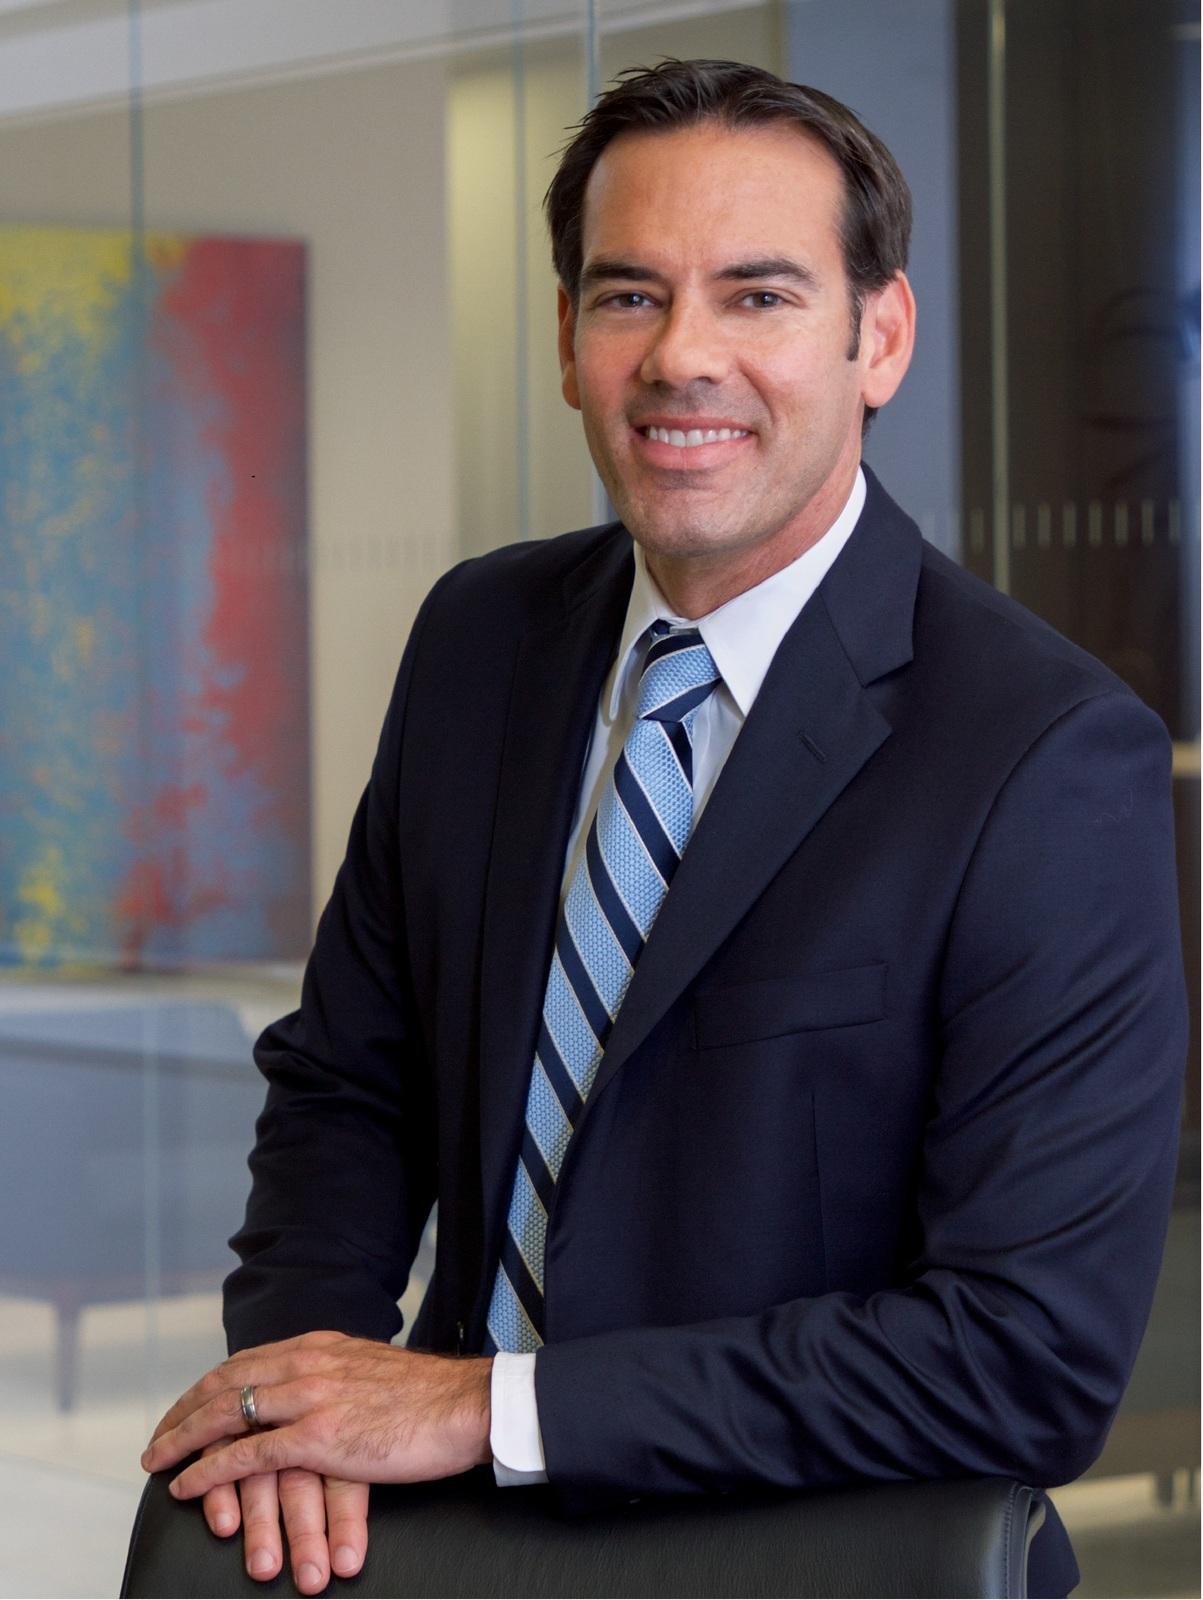 The Pitrofsky/Slacum Group | La Jolla, CA | Morgan Stanley Wealth